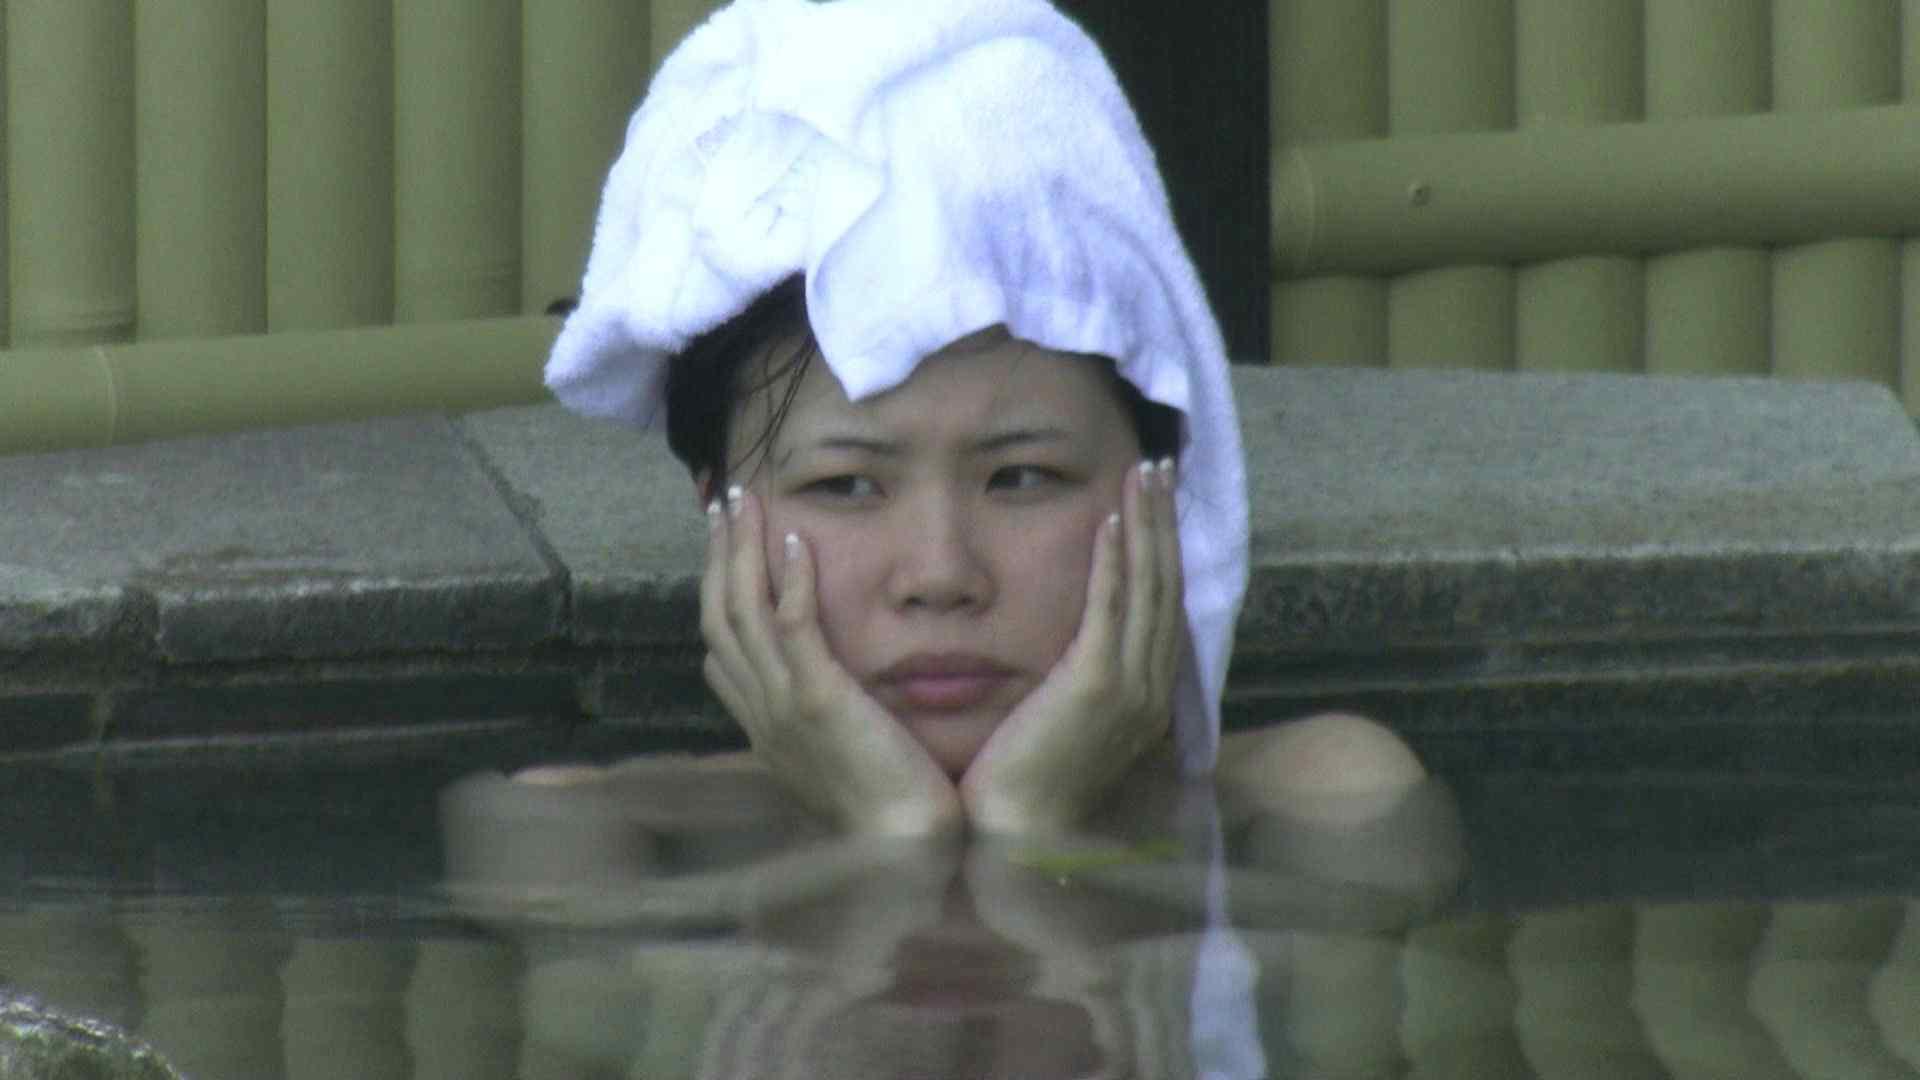 Aquaな露天風呂Vol.183 美しいOLの裸体  105pic 102